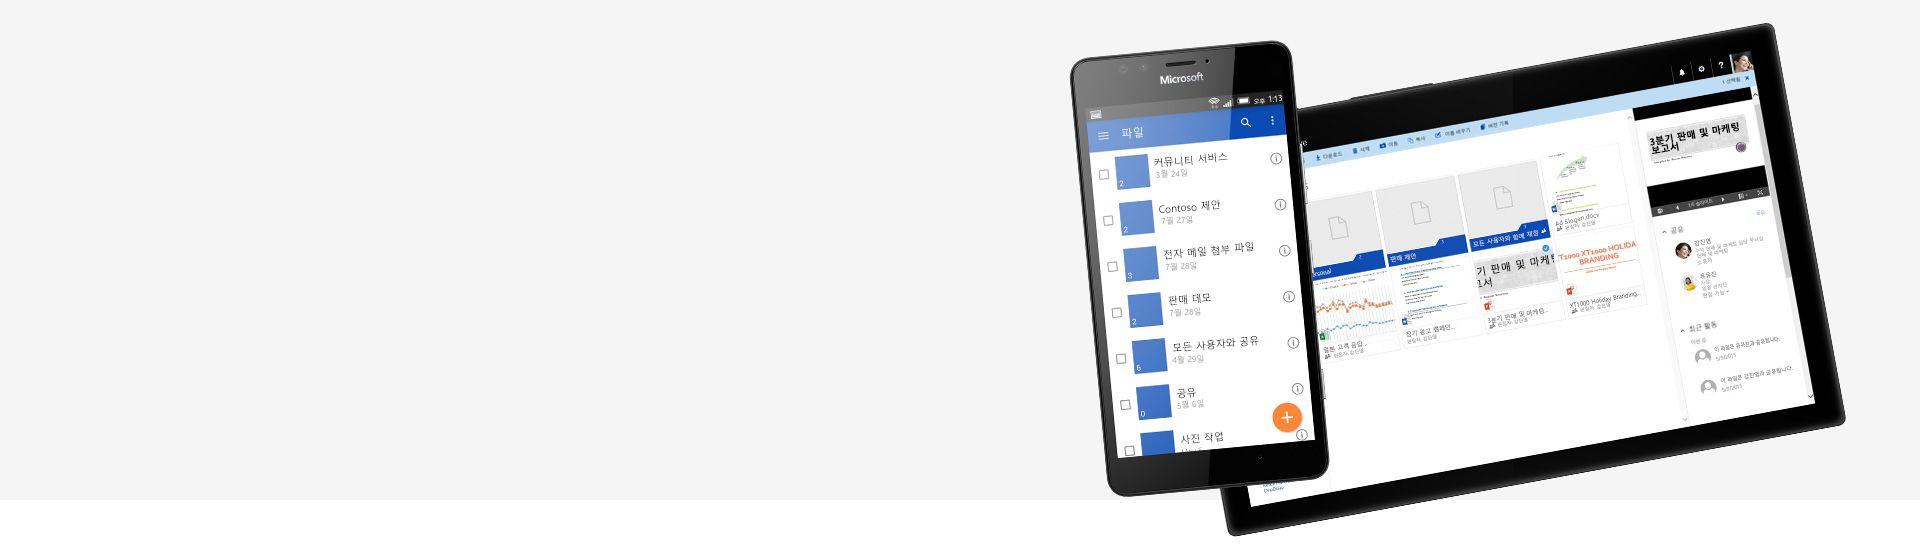 비즈니스용 OneDrive에 파일 및 폴더가 표시된 태블릿 1대와 휴대폰 1대